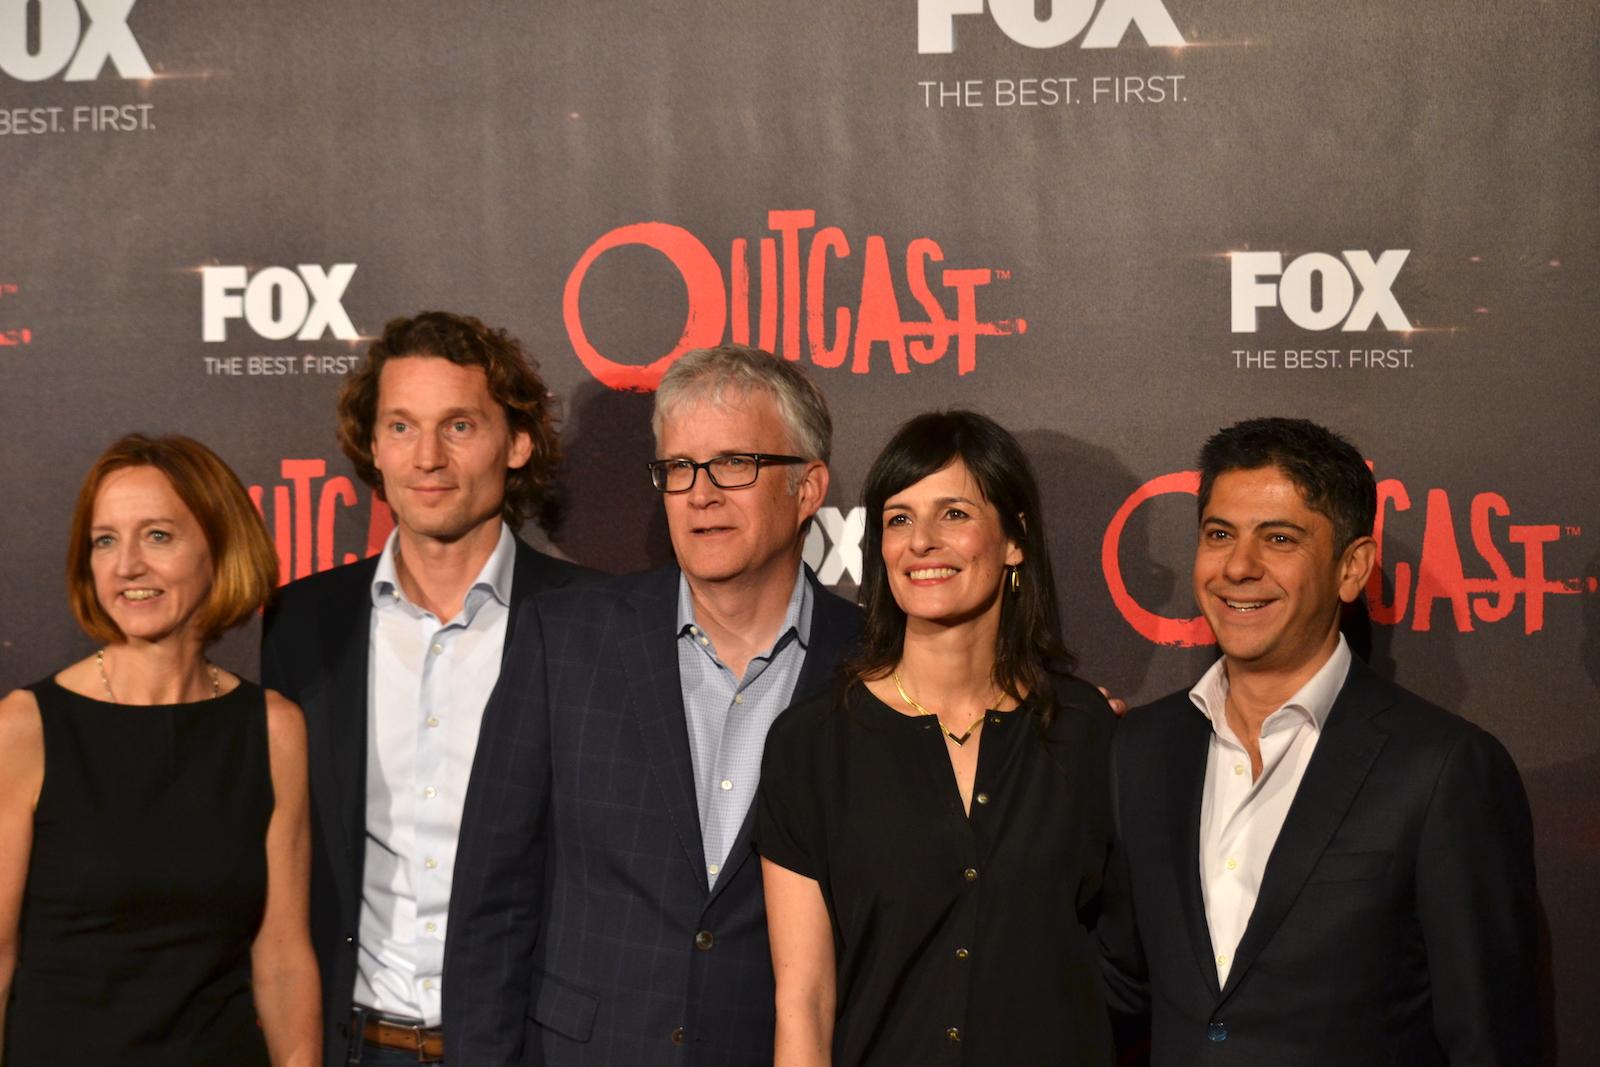 Outcast: produttori e dirigenti Fox sul red carpet della premiere europea